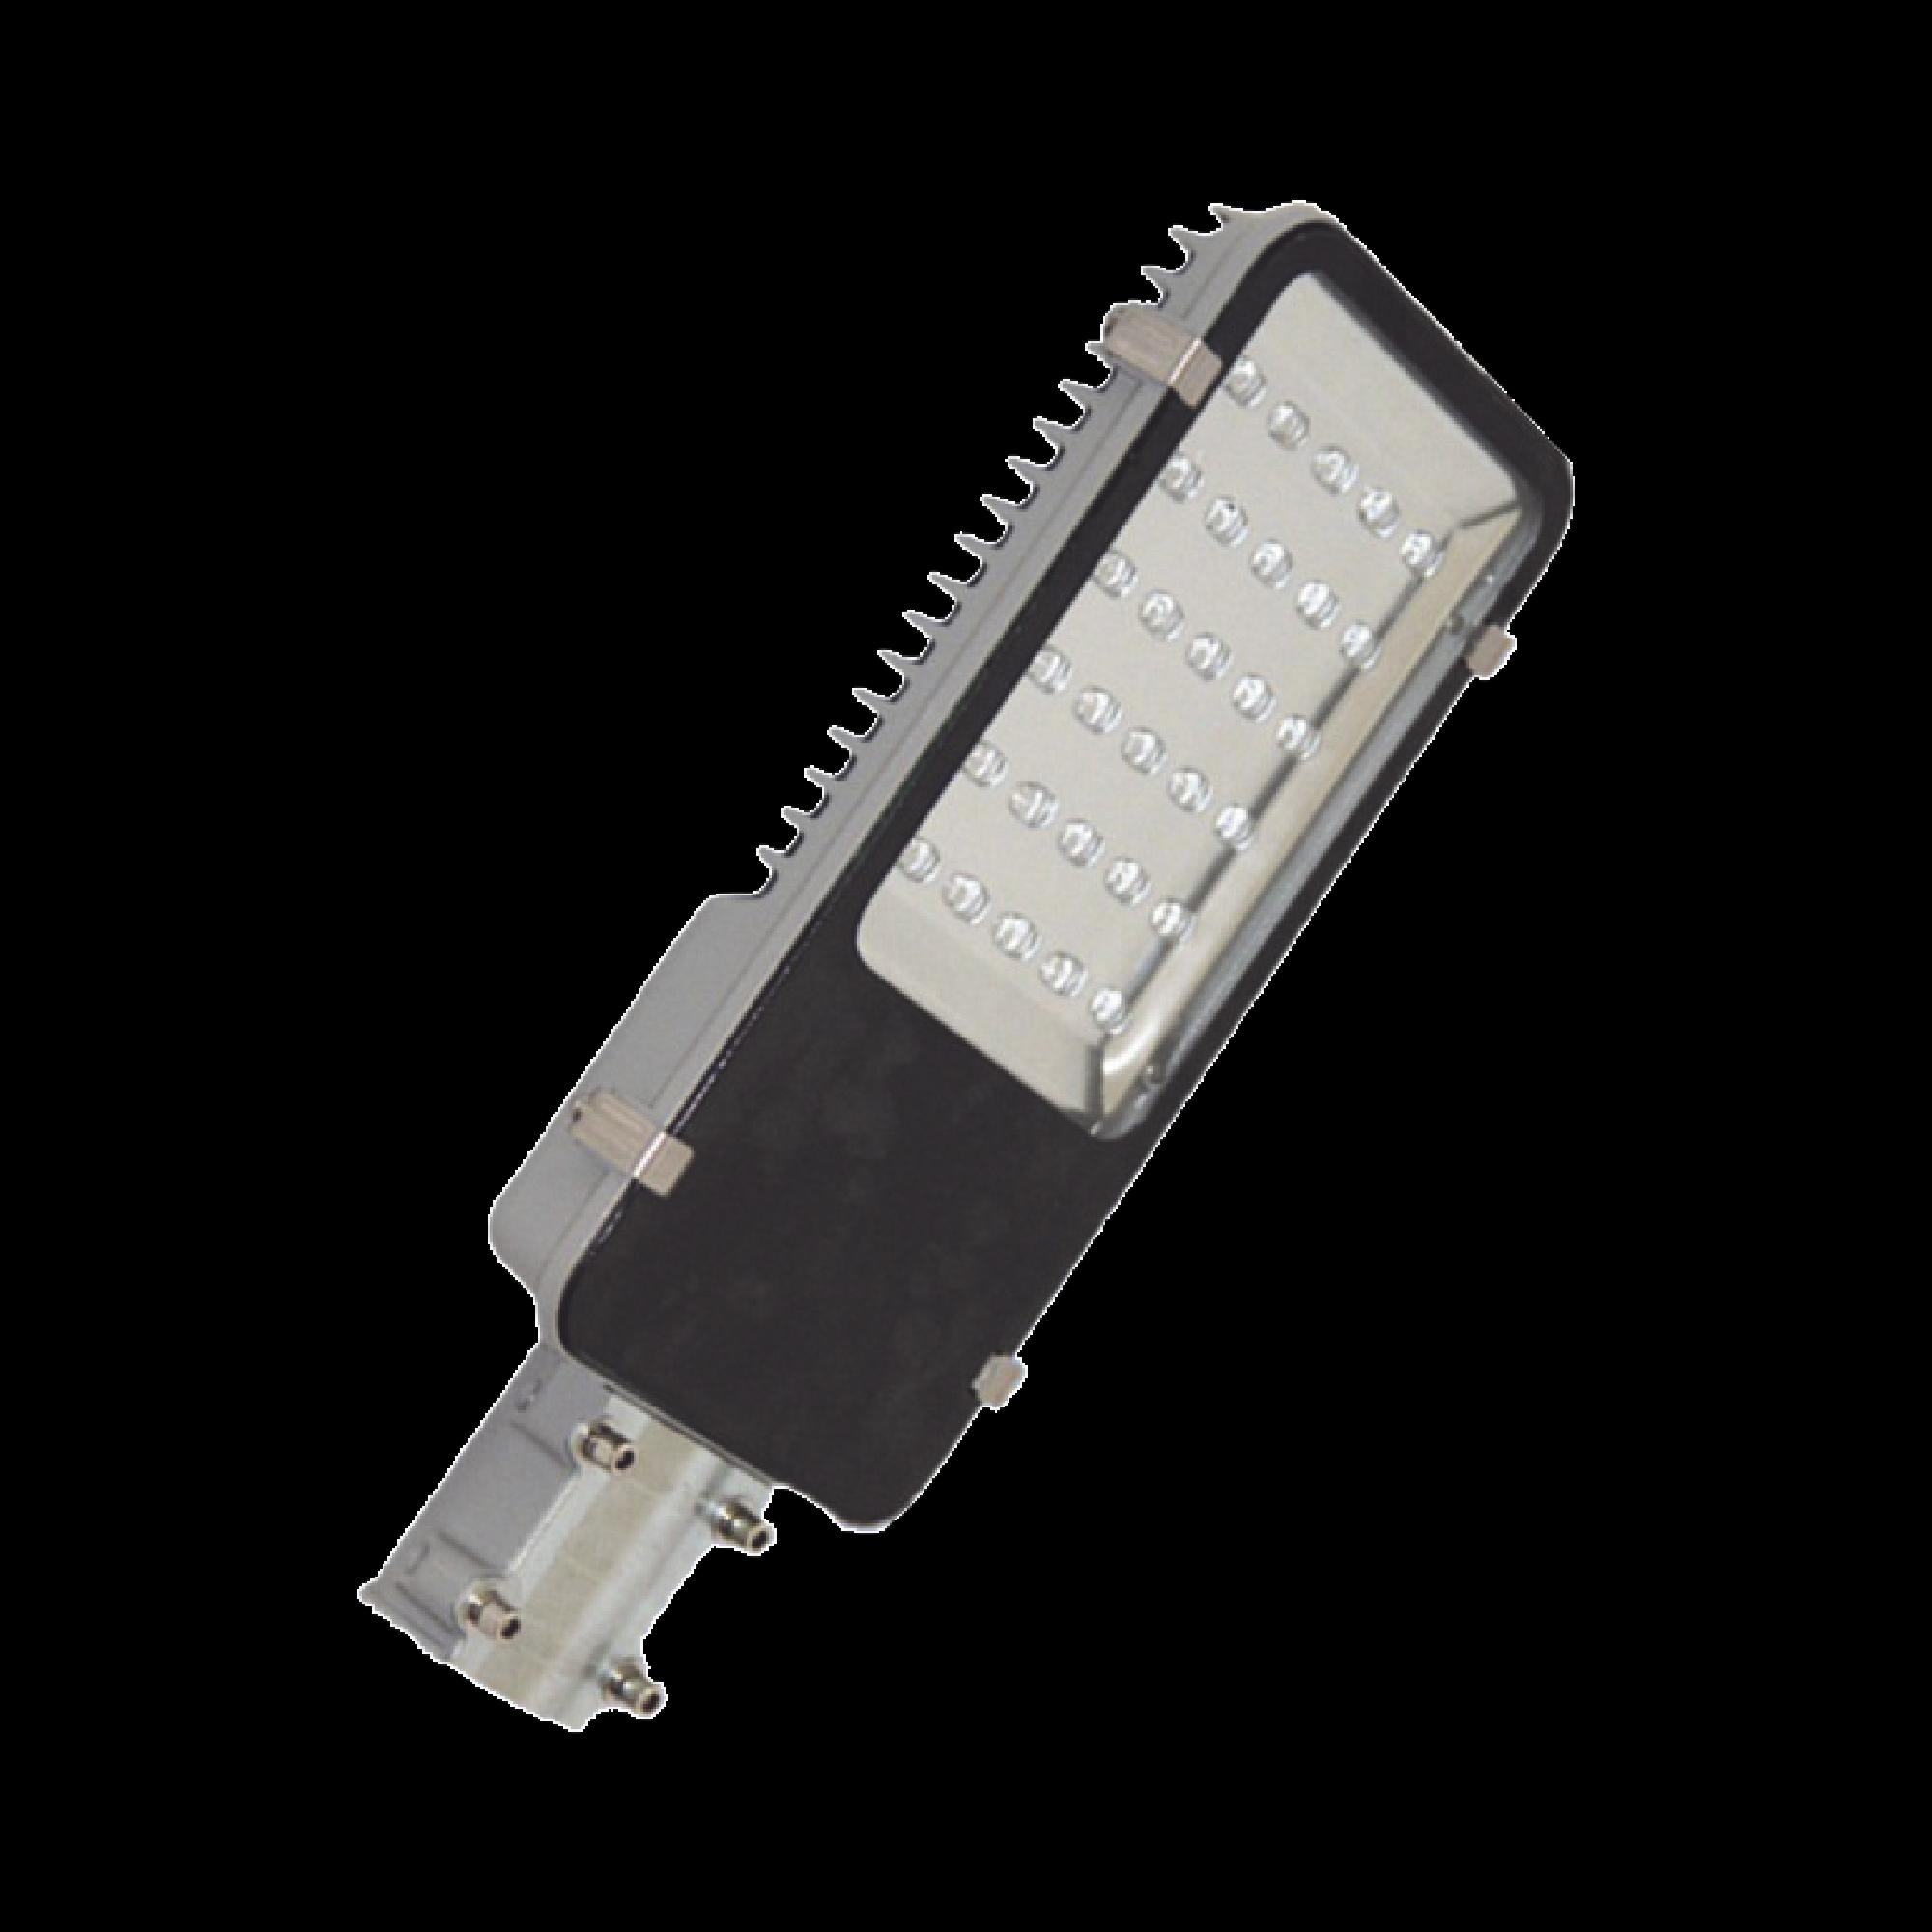 Luminaria LED 12/24 Vcc de 30 W para alumbrado público